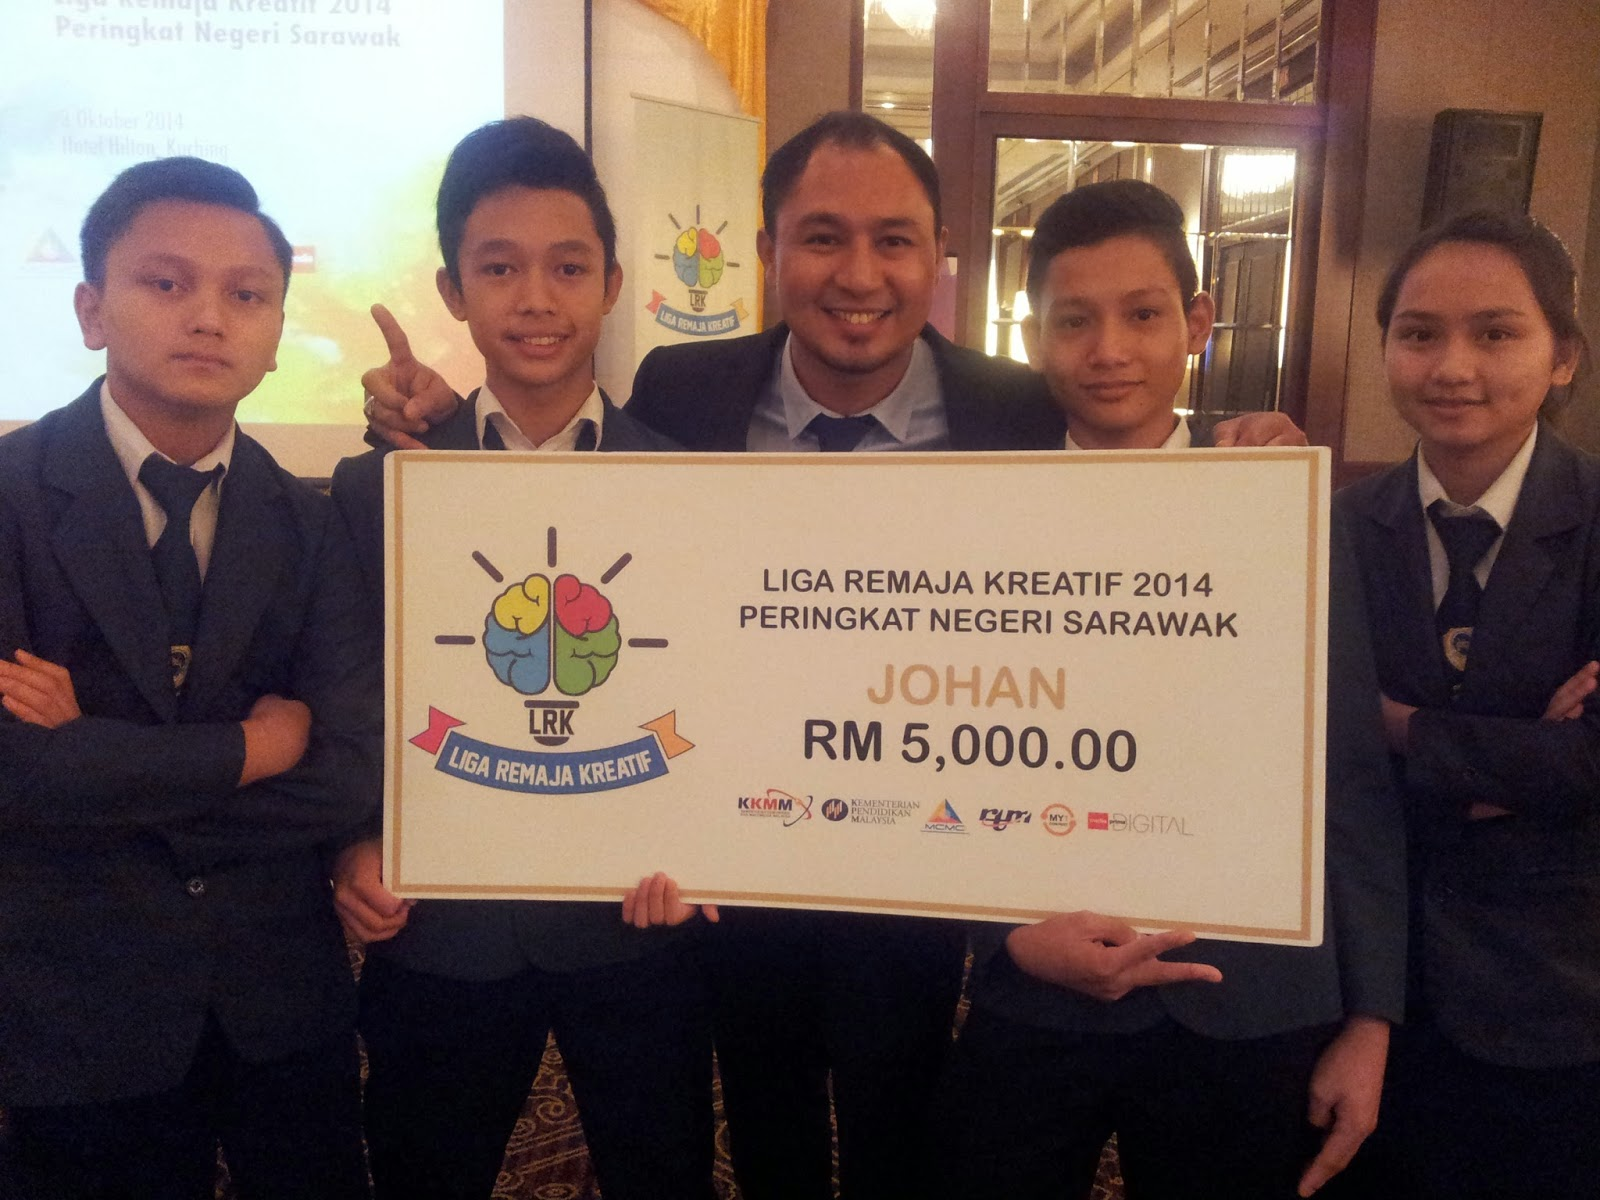 Johan Liga Remaja Kreatif 2014 (Zon Sarawak)